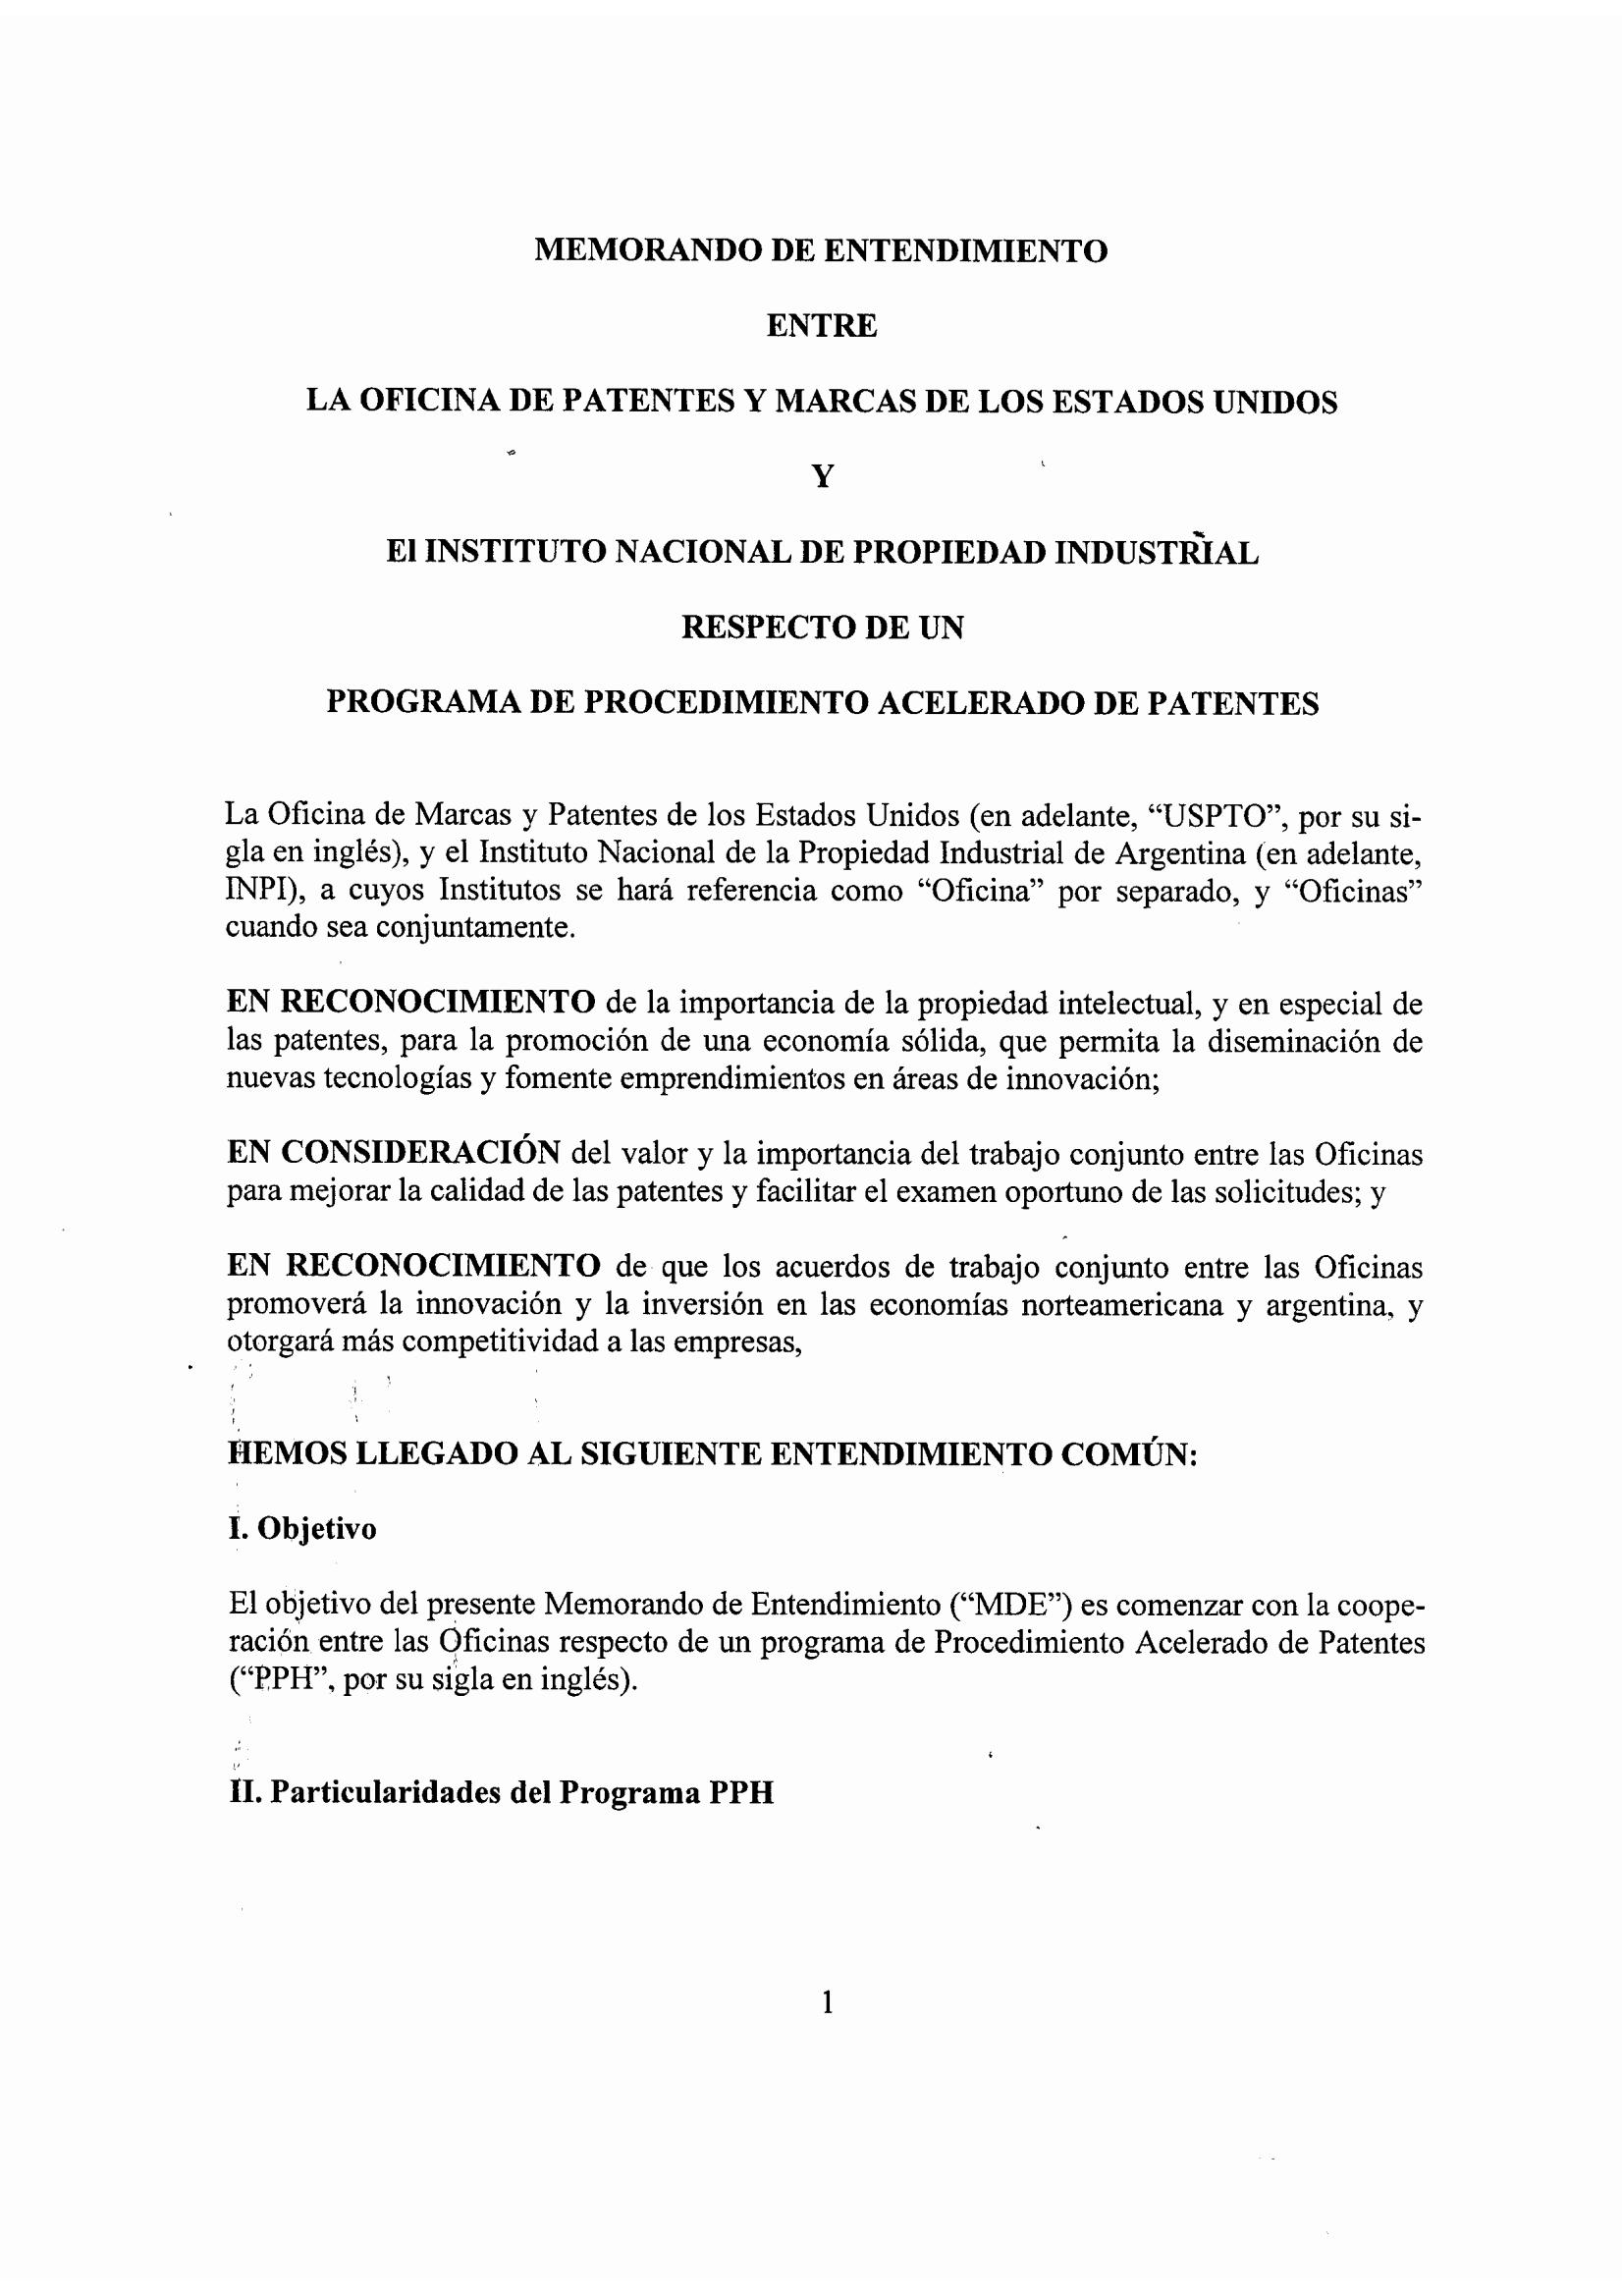 Argentina: Se difunde Memorando de Entendimiento de